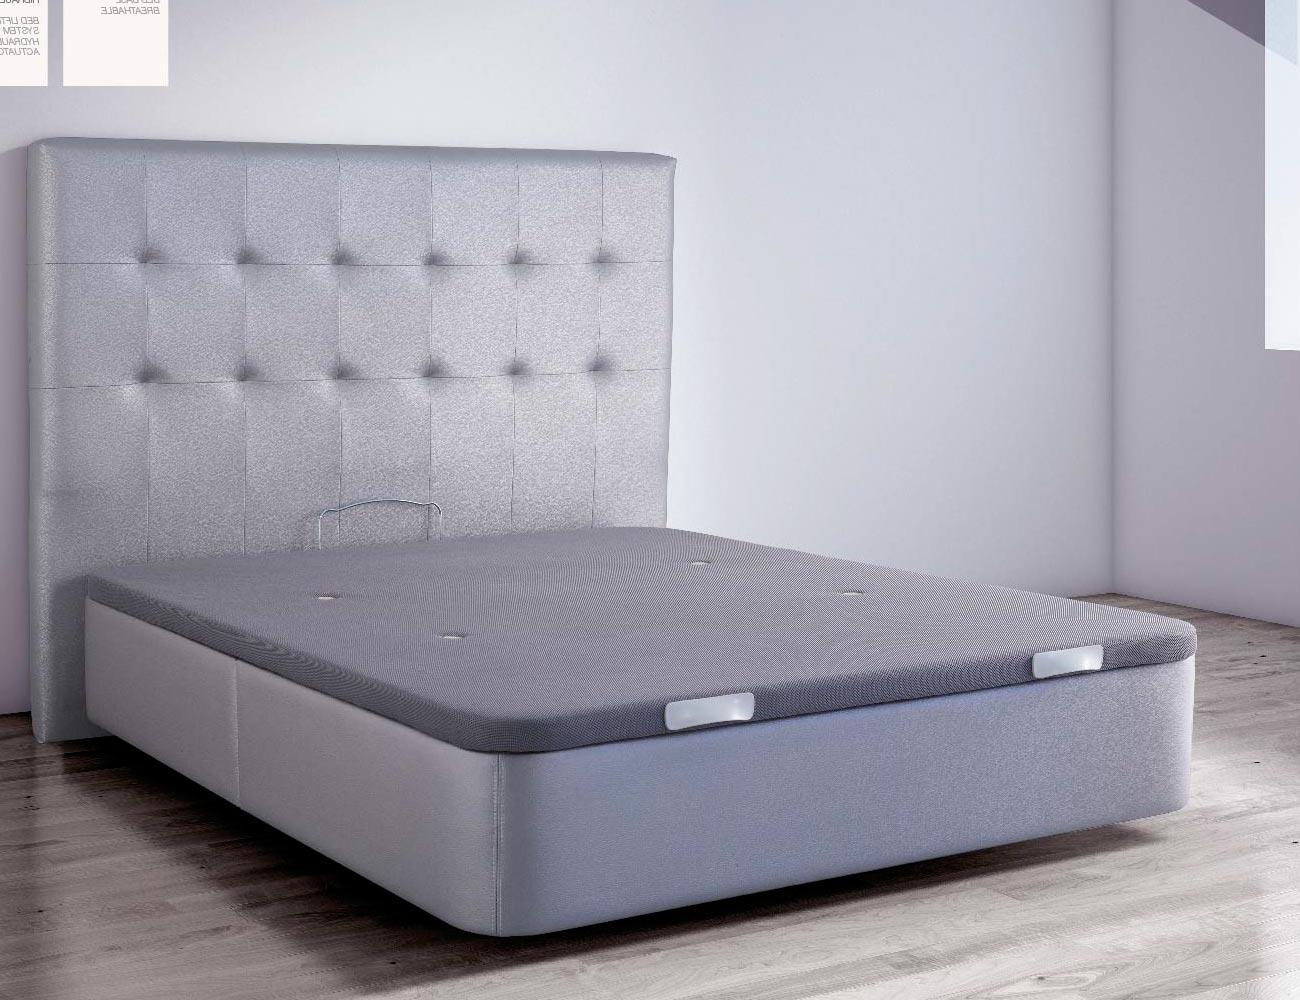 Canape polipiel tapa 3d gris plata tpl11